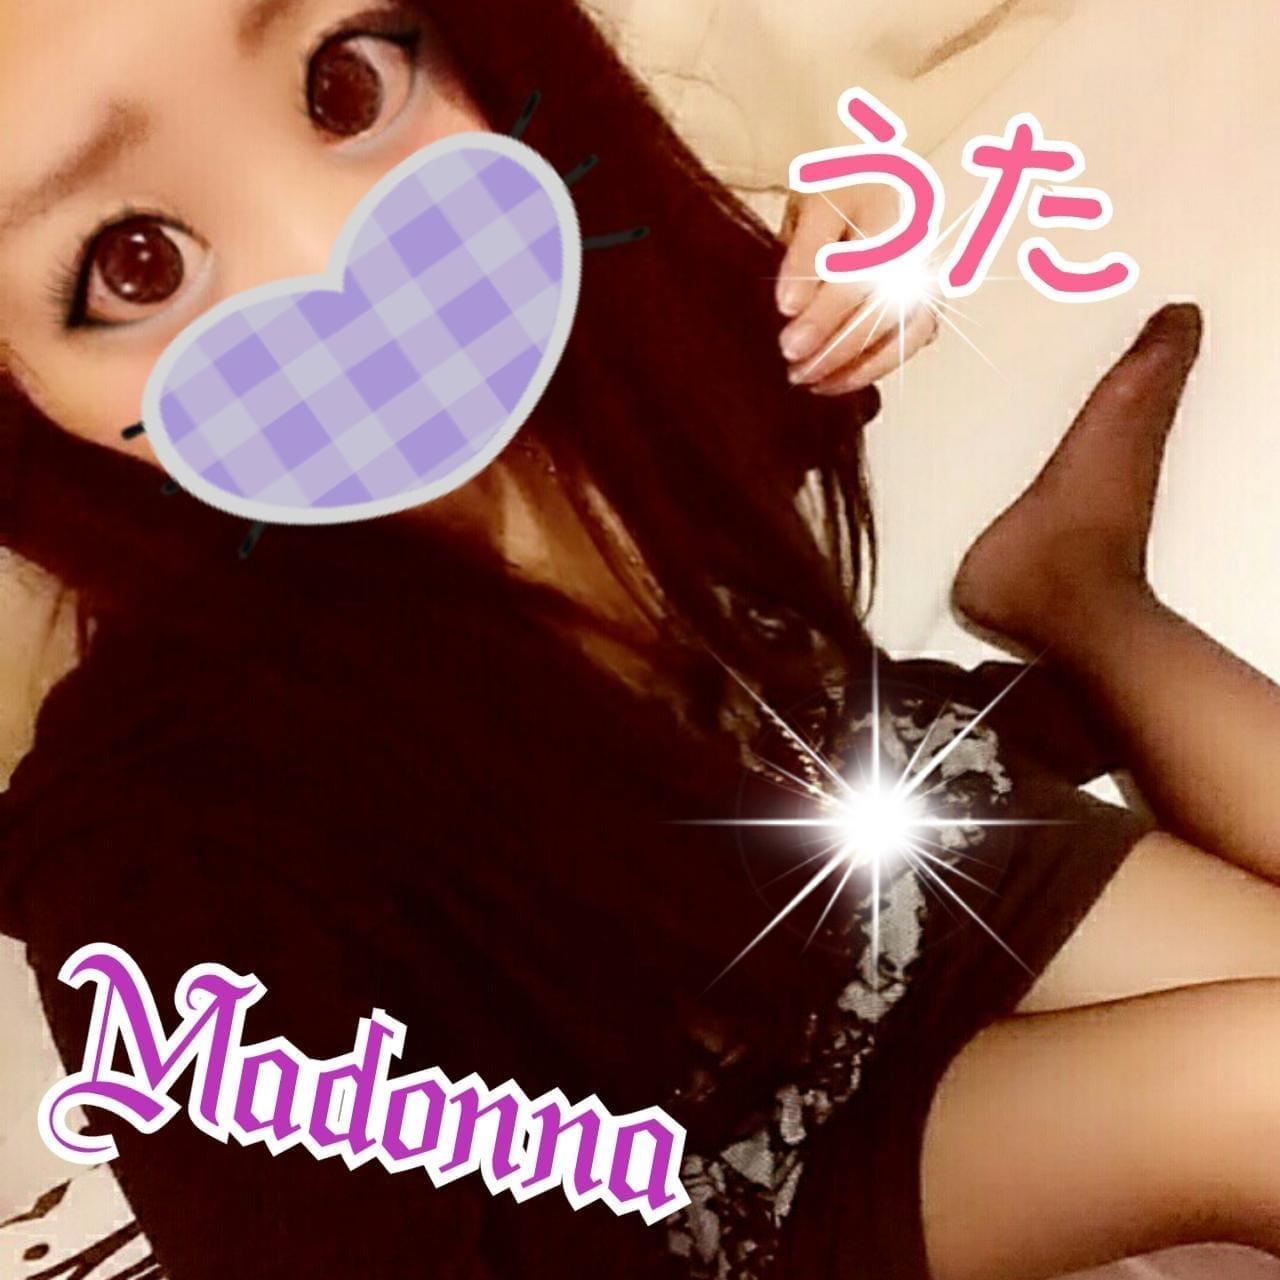 「おはよー!!」11/18(日) 19:50 | ウタの写メ・風俗動画